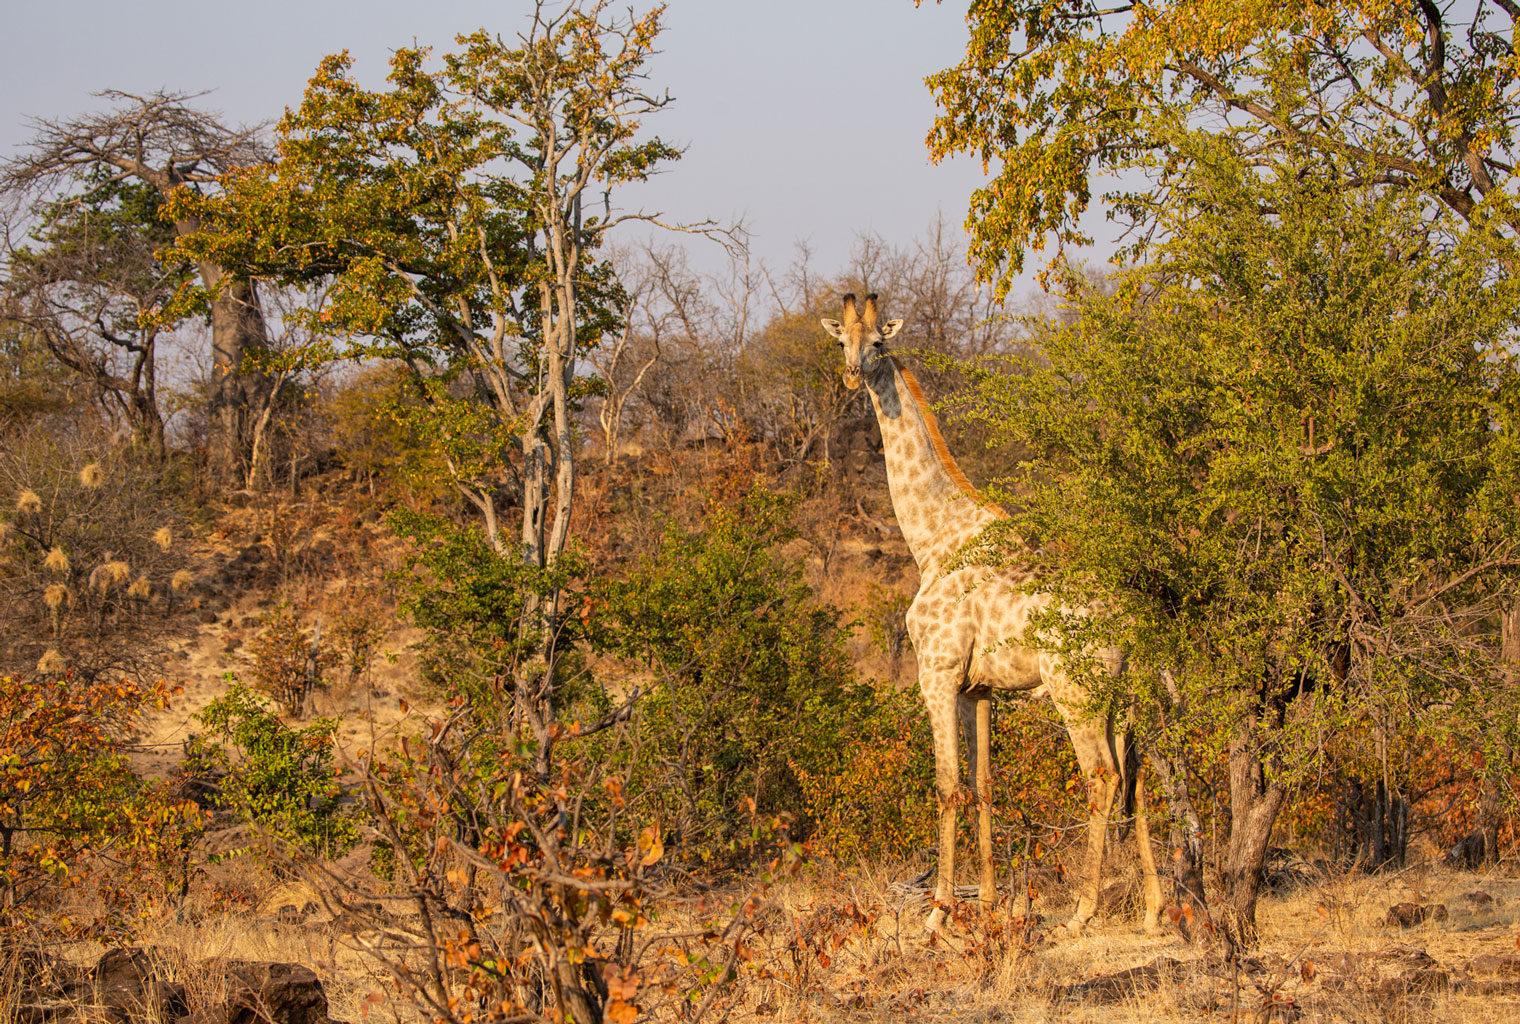 GPZimbabwe-MpalaJena-WildlifeGiraffe